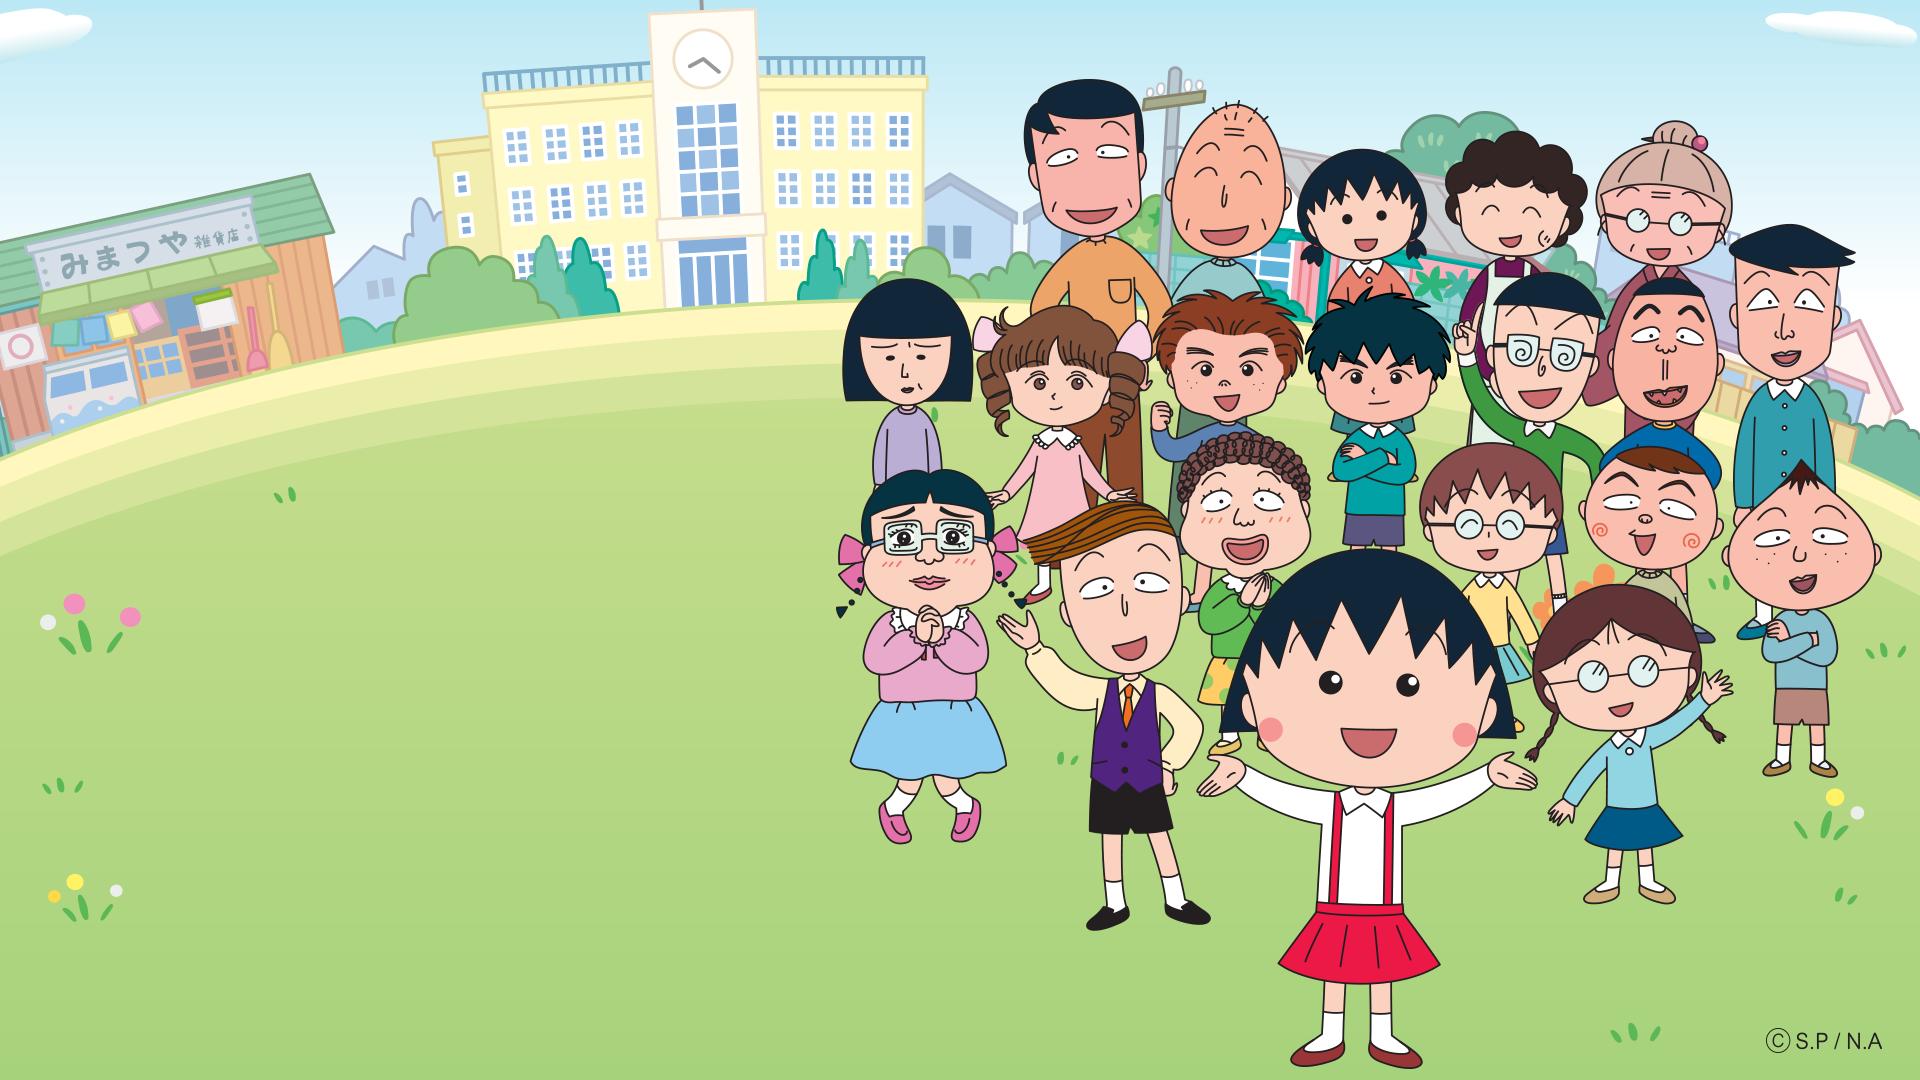 Phim hoạt hình Tết Cô bé Maruko